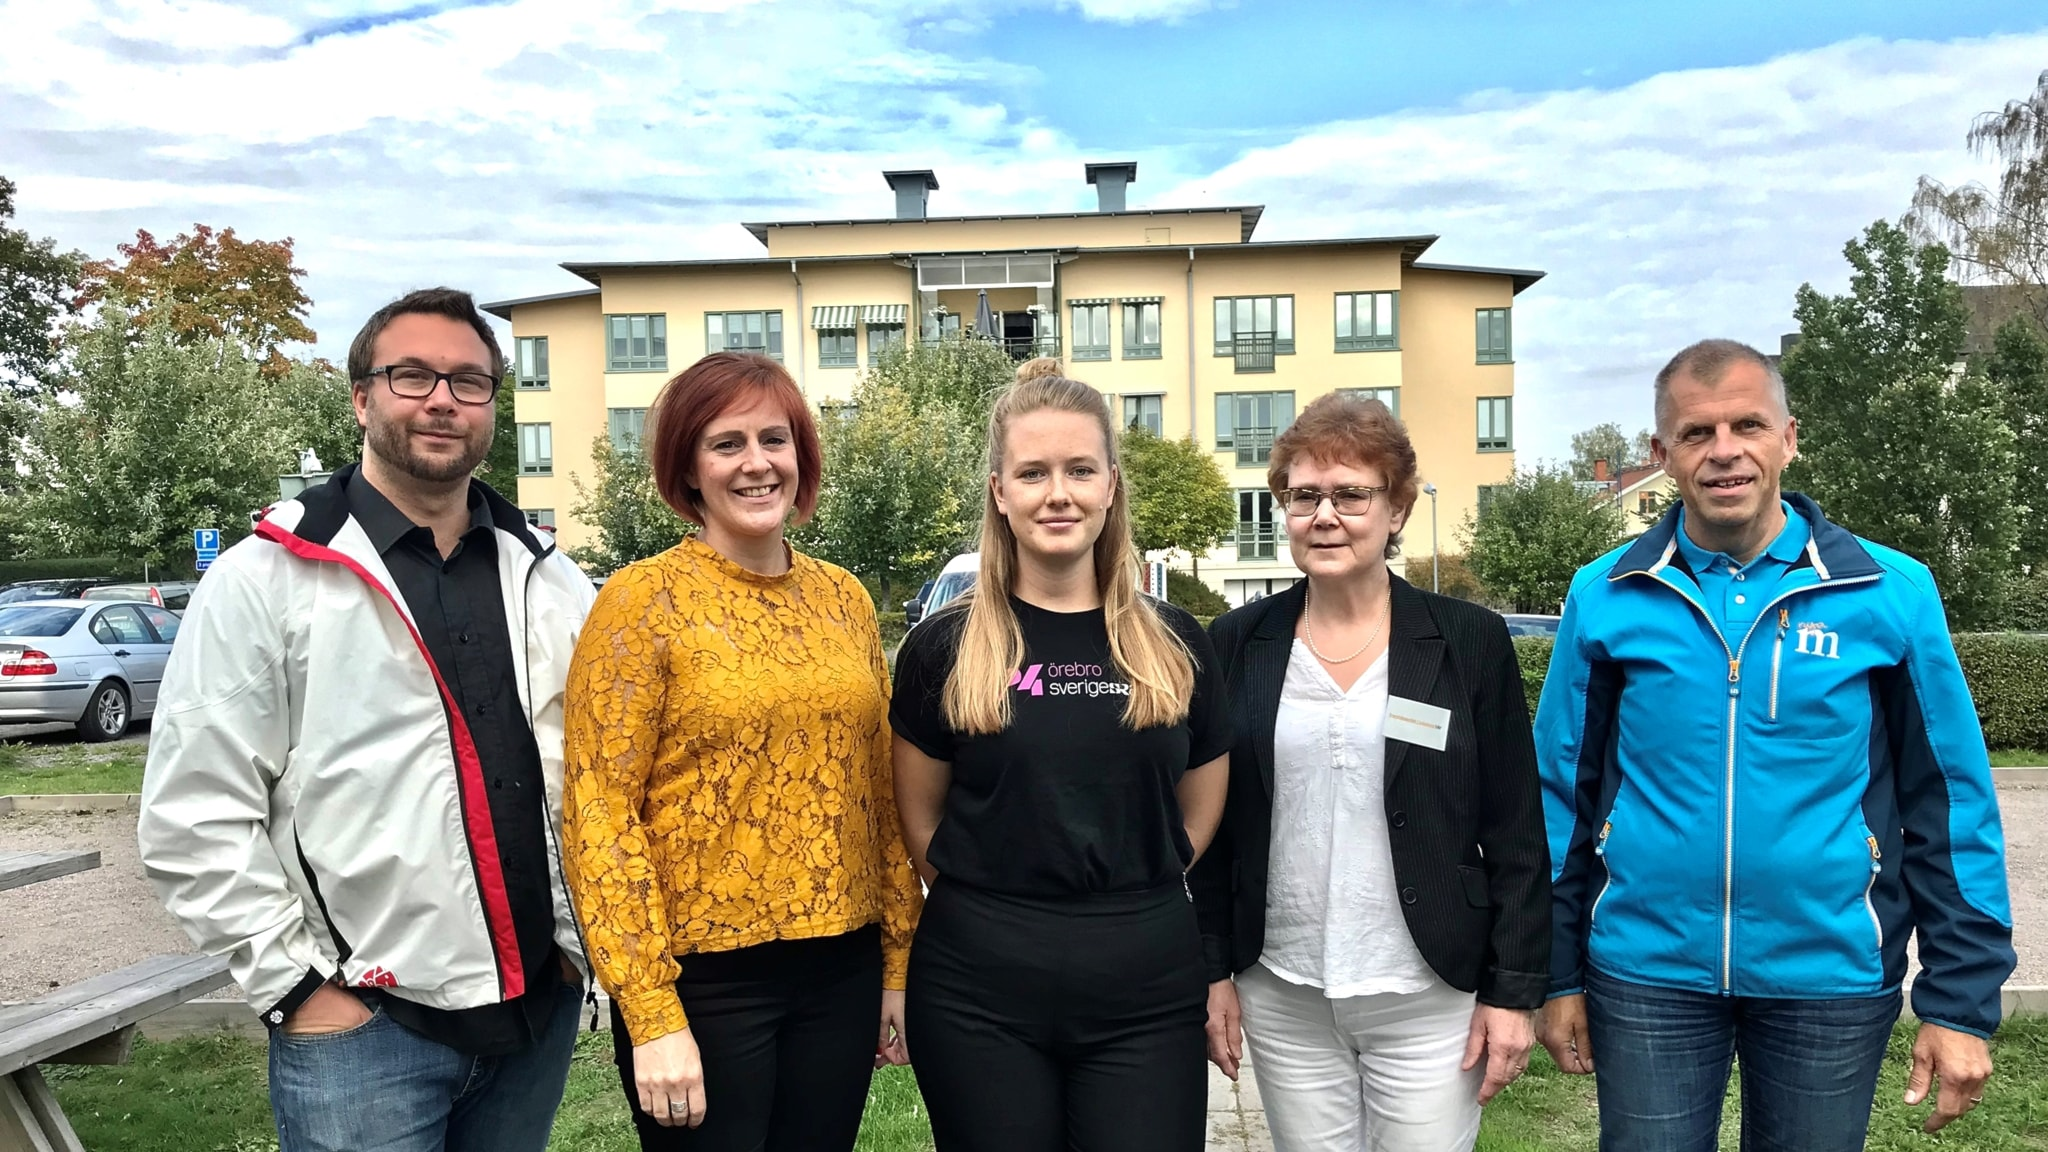 Sociala mötesplatser för äldre är en viktig fråga i Lekebergs kommun - P4 Örebro   Sveriges Radio